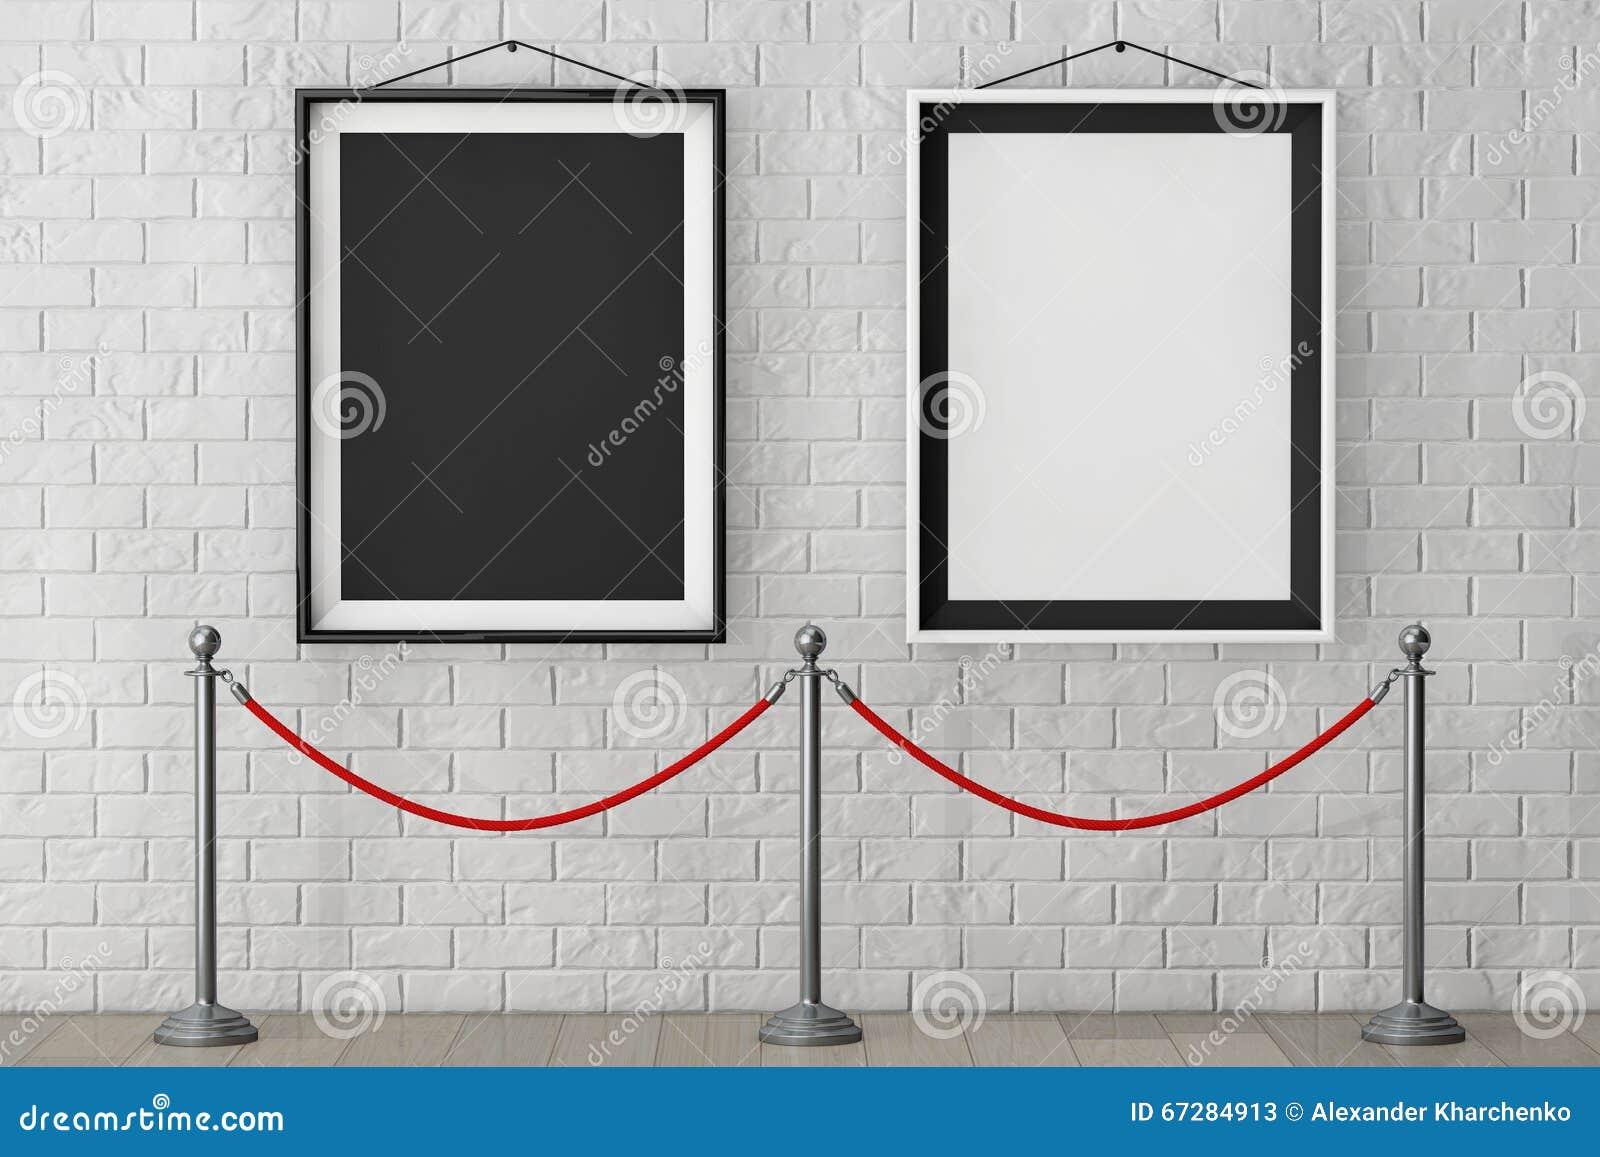 Ziemlich Bilderrahmen Mit Stand Bilder - Benutzerdefinierte ...